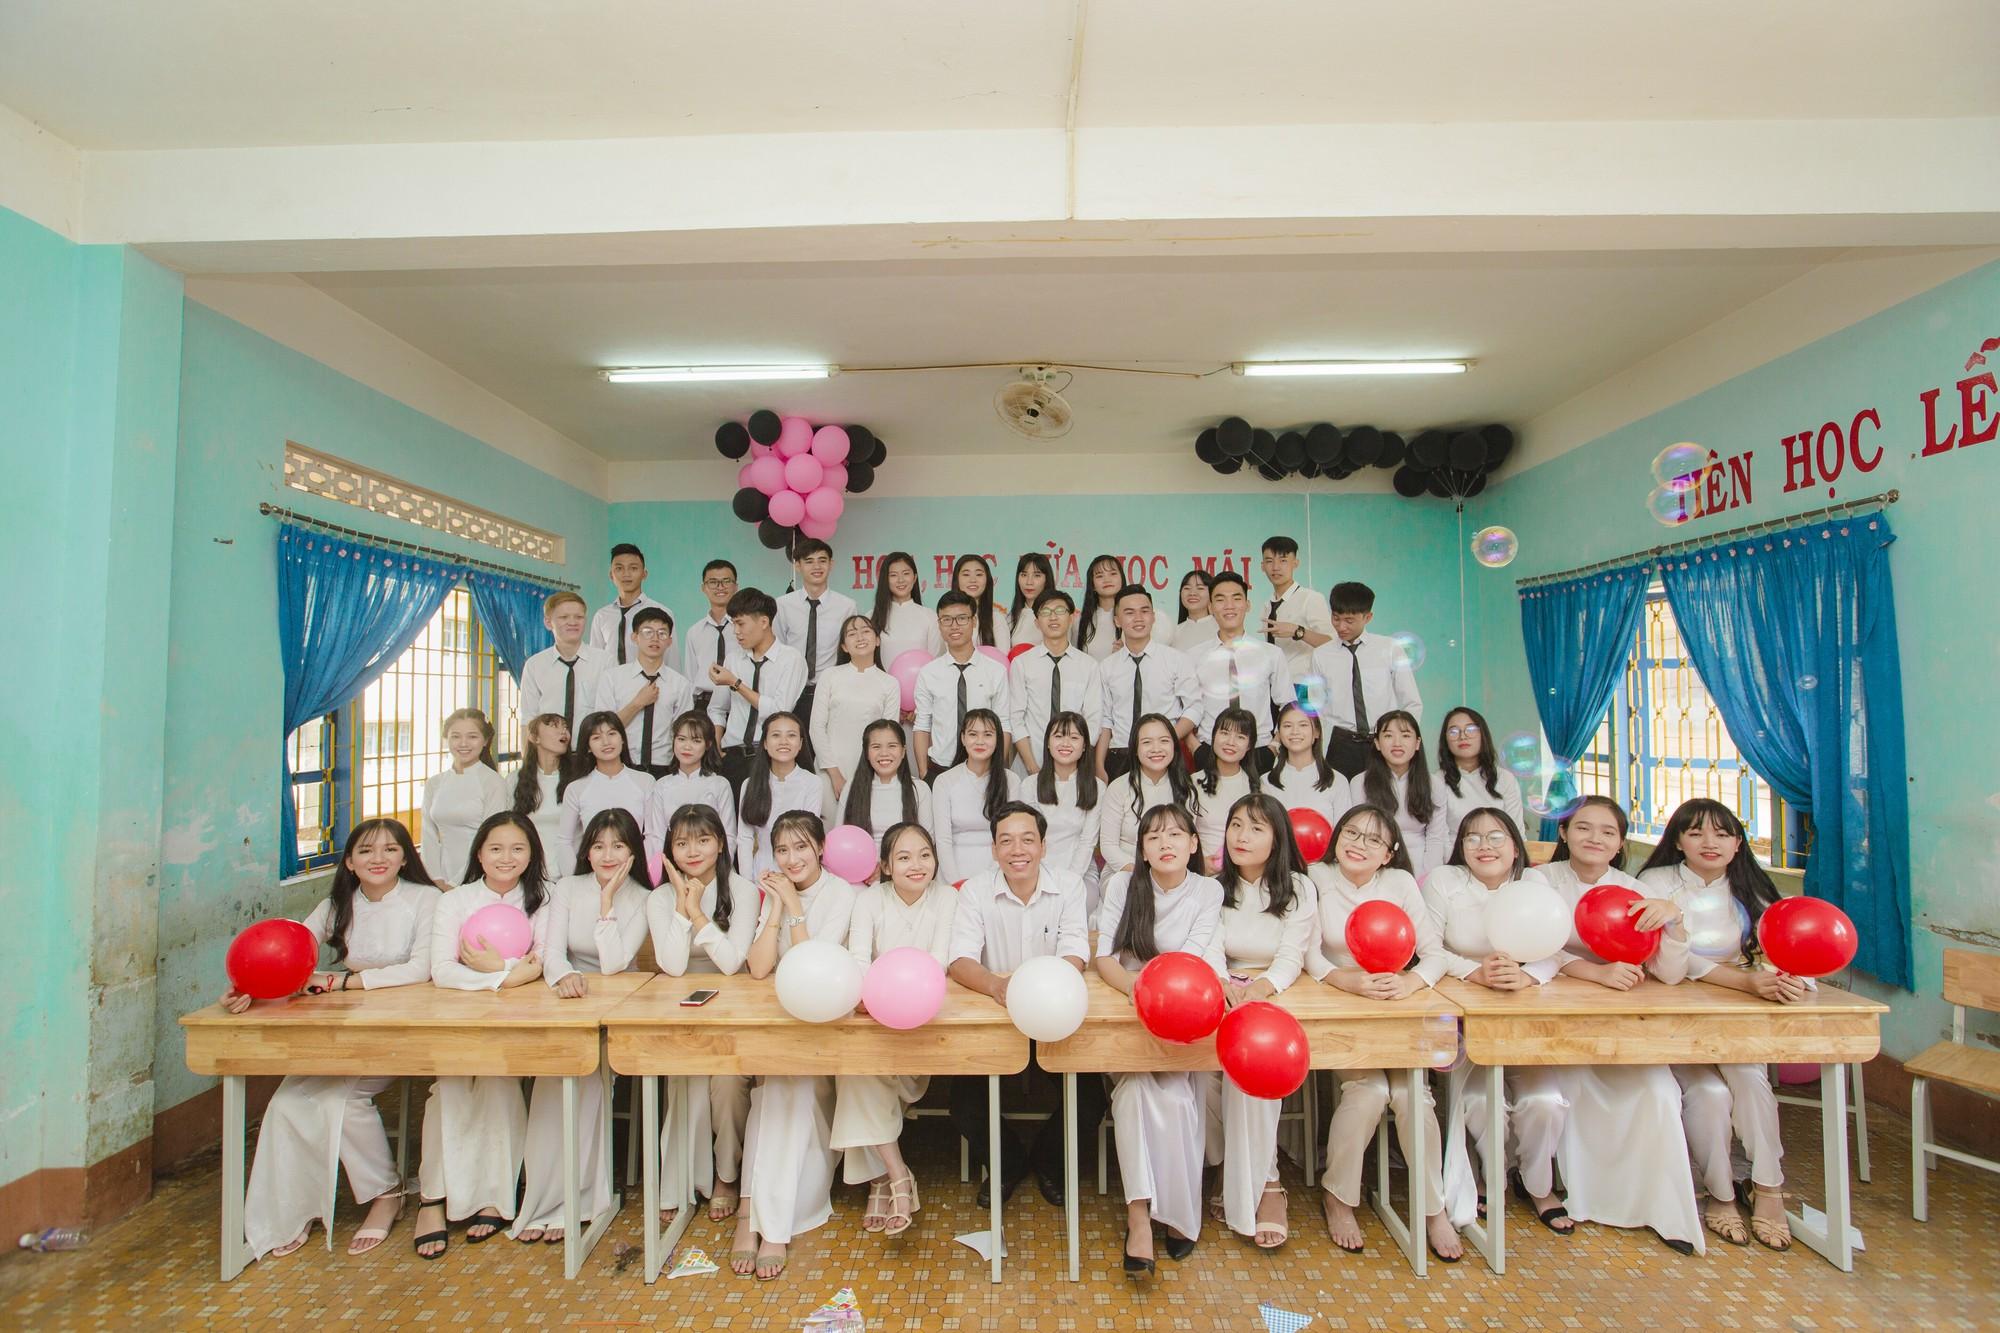 Xuất hiện một lớp học ở Đắk Lắk ai cũng xinh và giỏi xuất sắc, đúng là không thể chê được con gái Tây Nguyên - Ảnh 11.